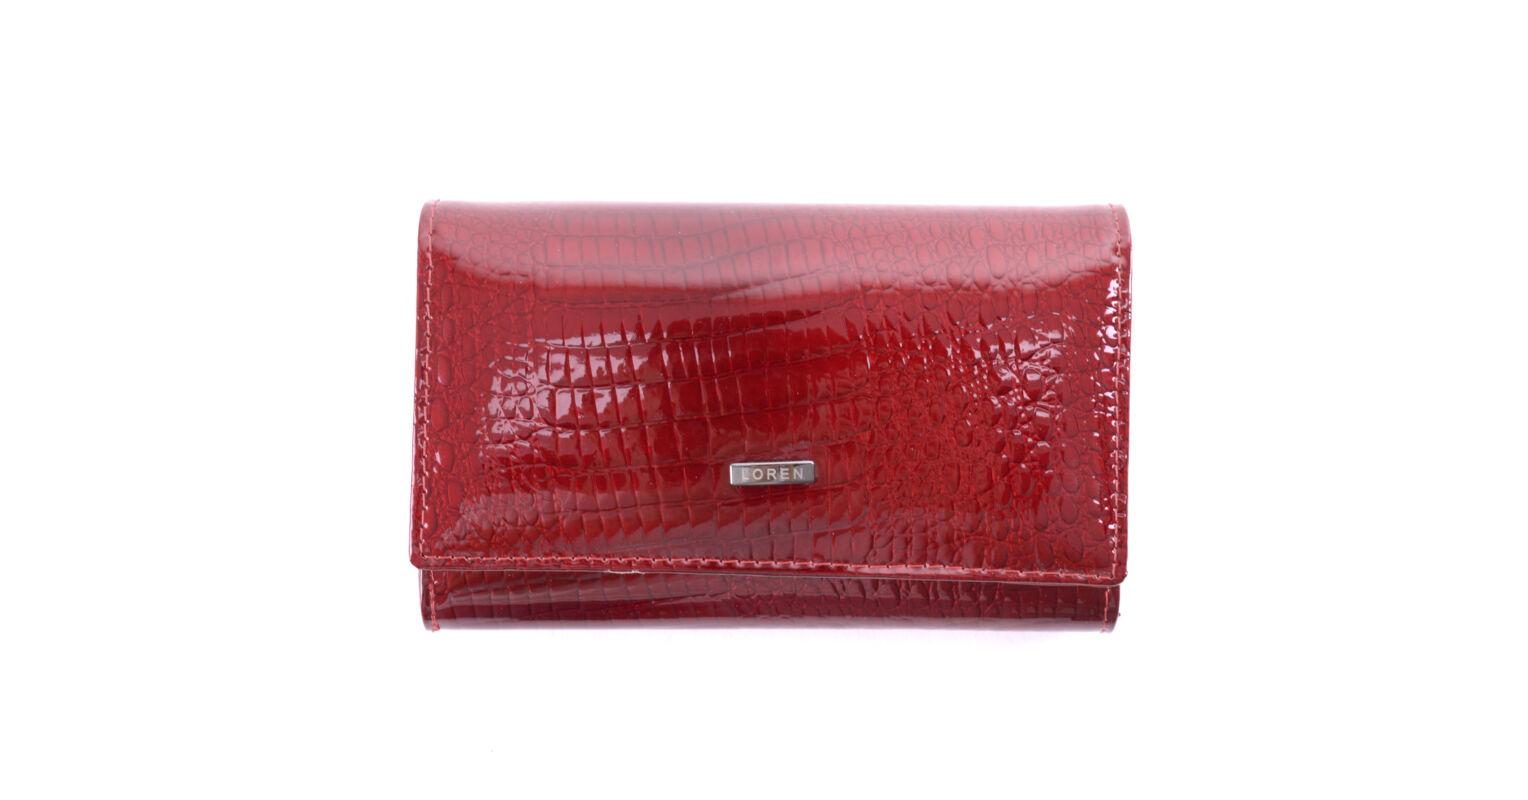 d8750a9e3006 Loren Női Lakkbőr Pénztárca Piros - NŐI PÉNZTÁRCÁK - Táska webáruház -  Minőségi táskák mindenkinek